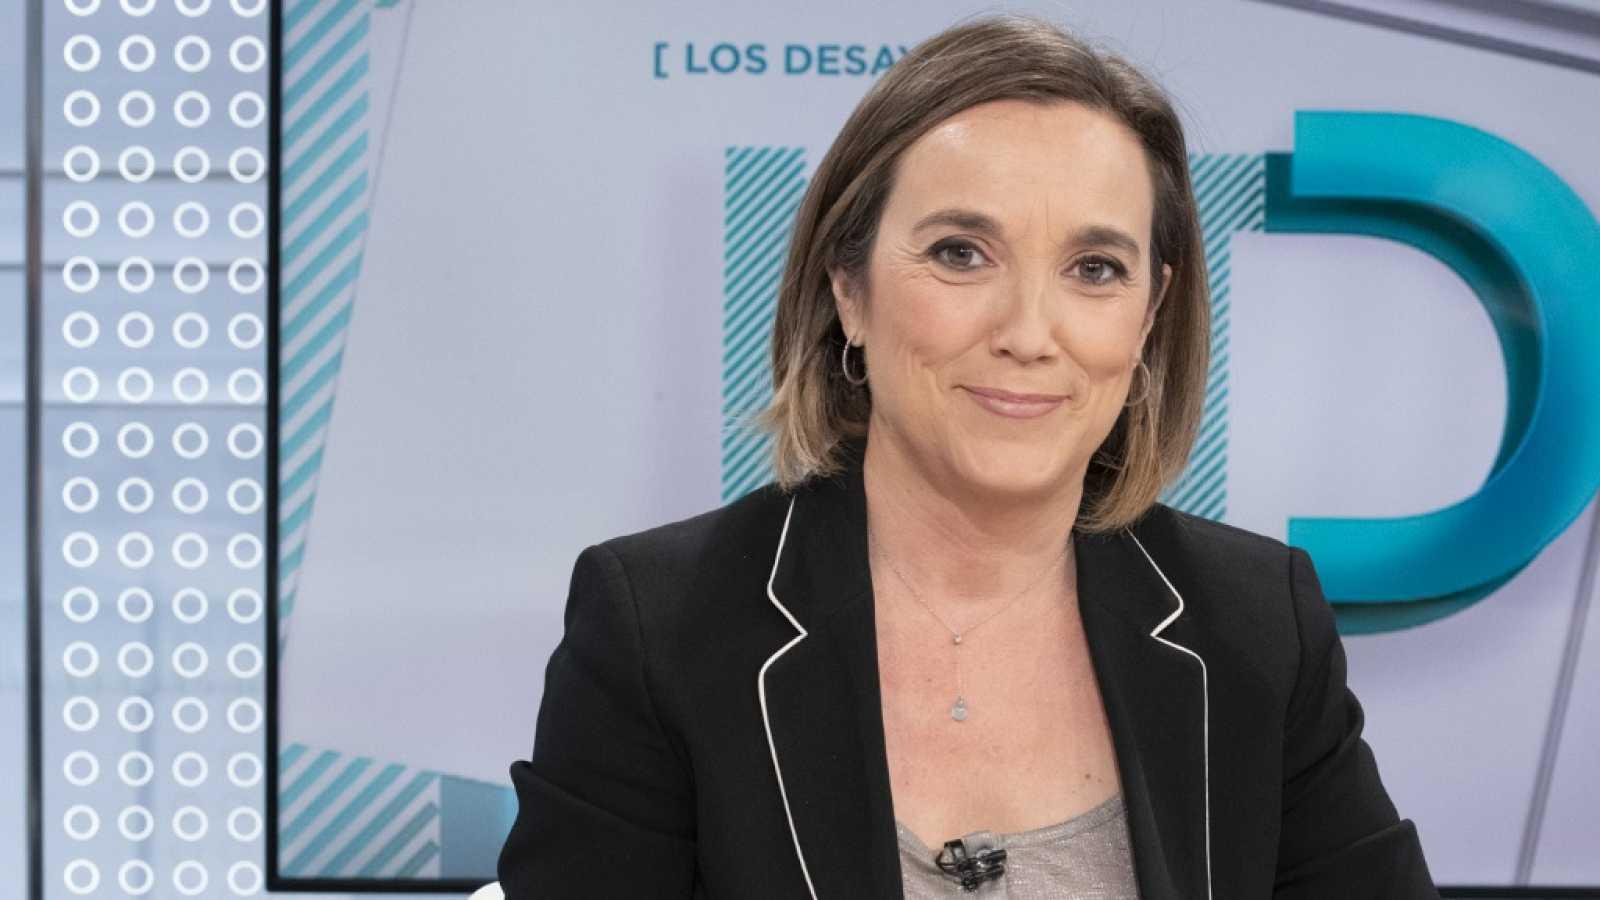 Los desayunos de TVE - Cuca Gamarra, Vicesecretaria de Política social del PP- ver ahora